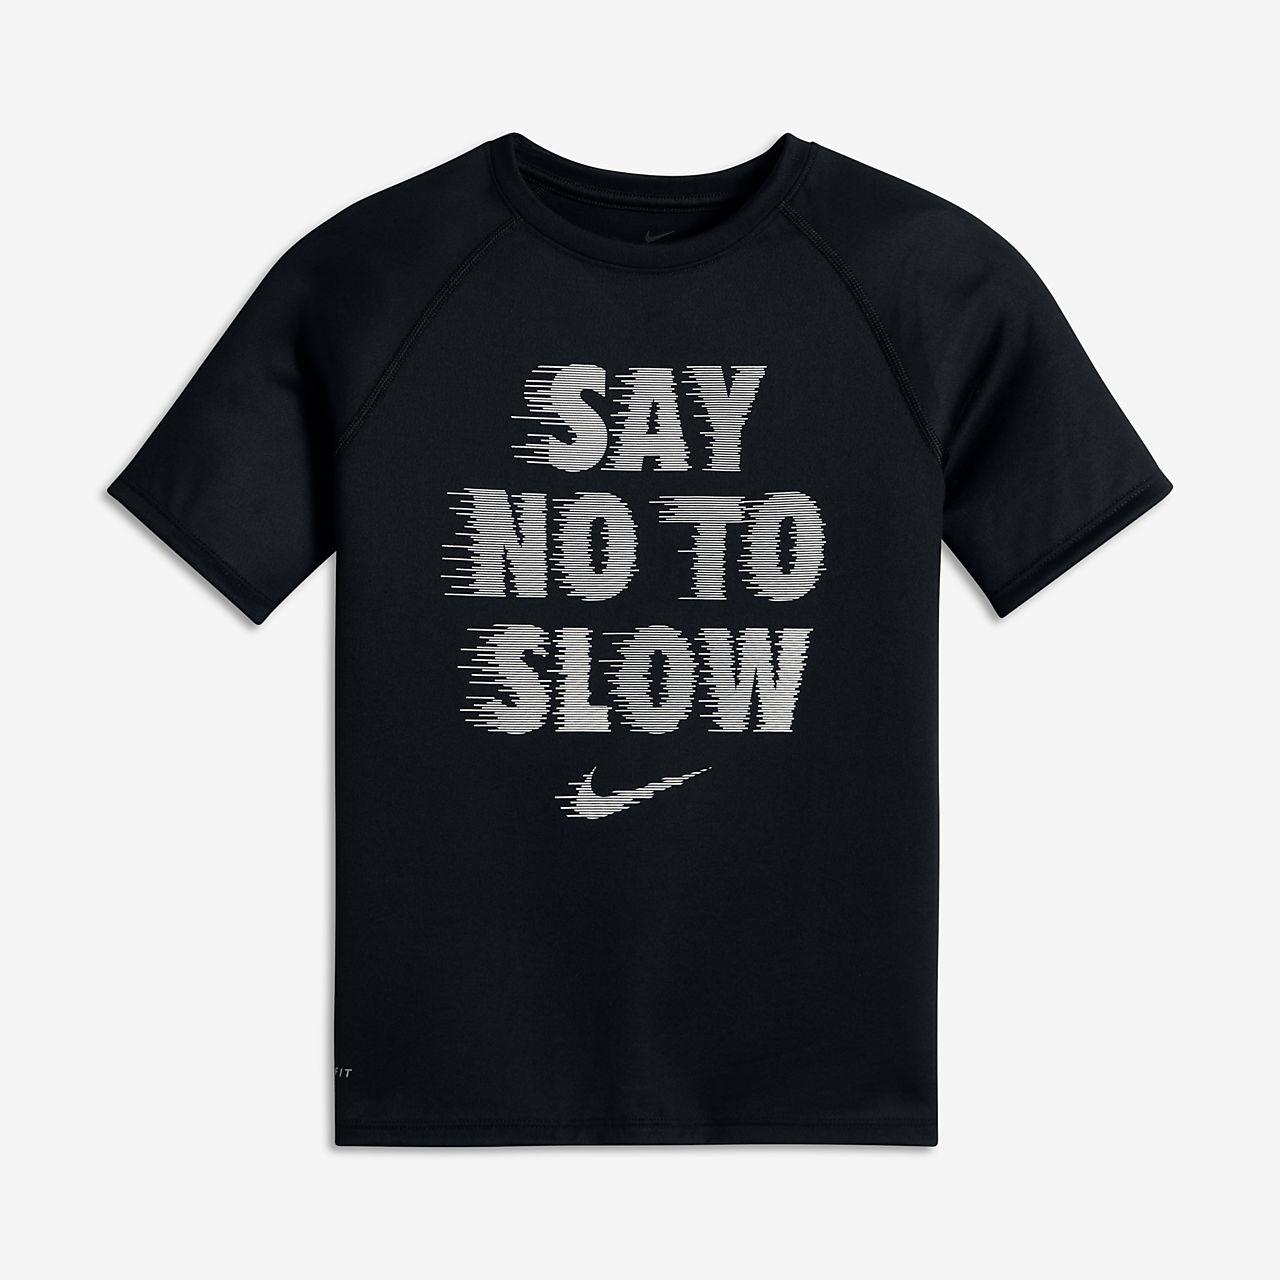 nike dry say no to slow t shirt f r ltere kinder jungen lu. Black Bedroom Furniture Sets. Home Design Ideas